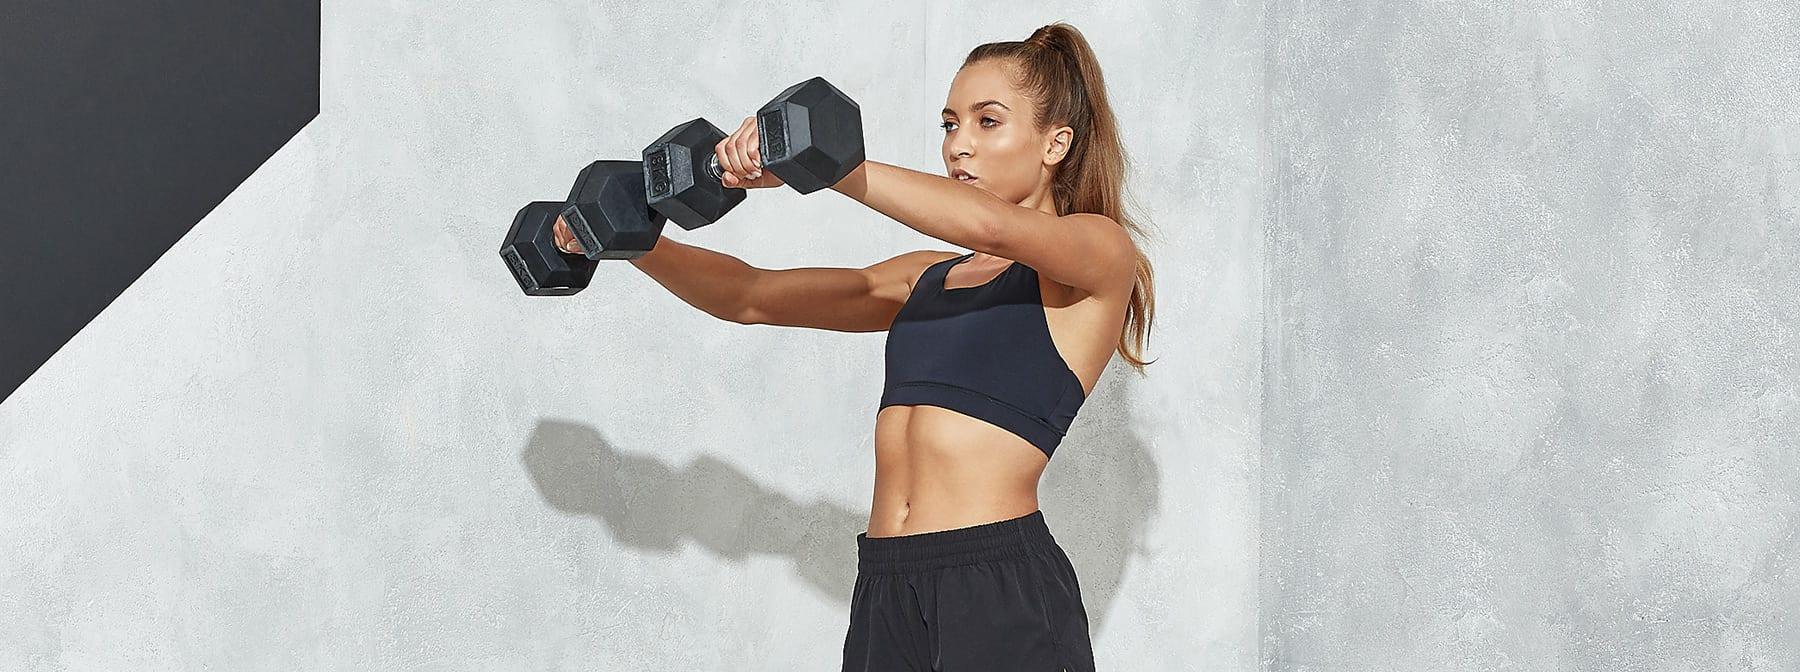 puteți pierde grăsimea corporală făcând greutăți